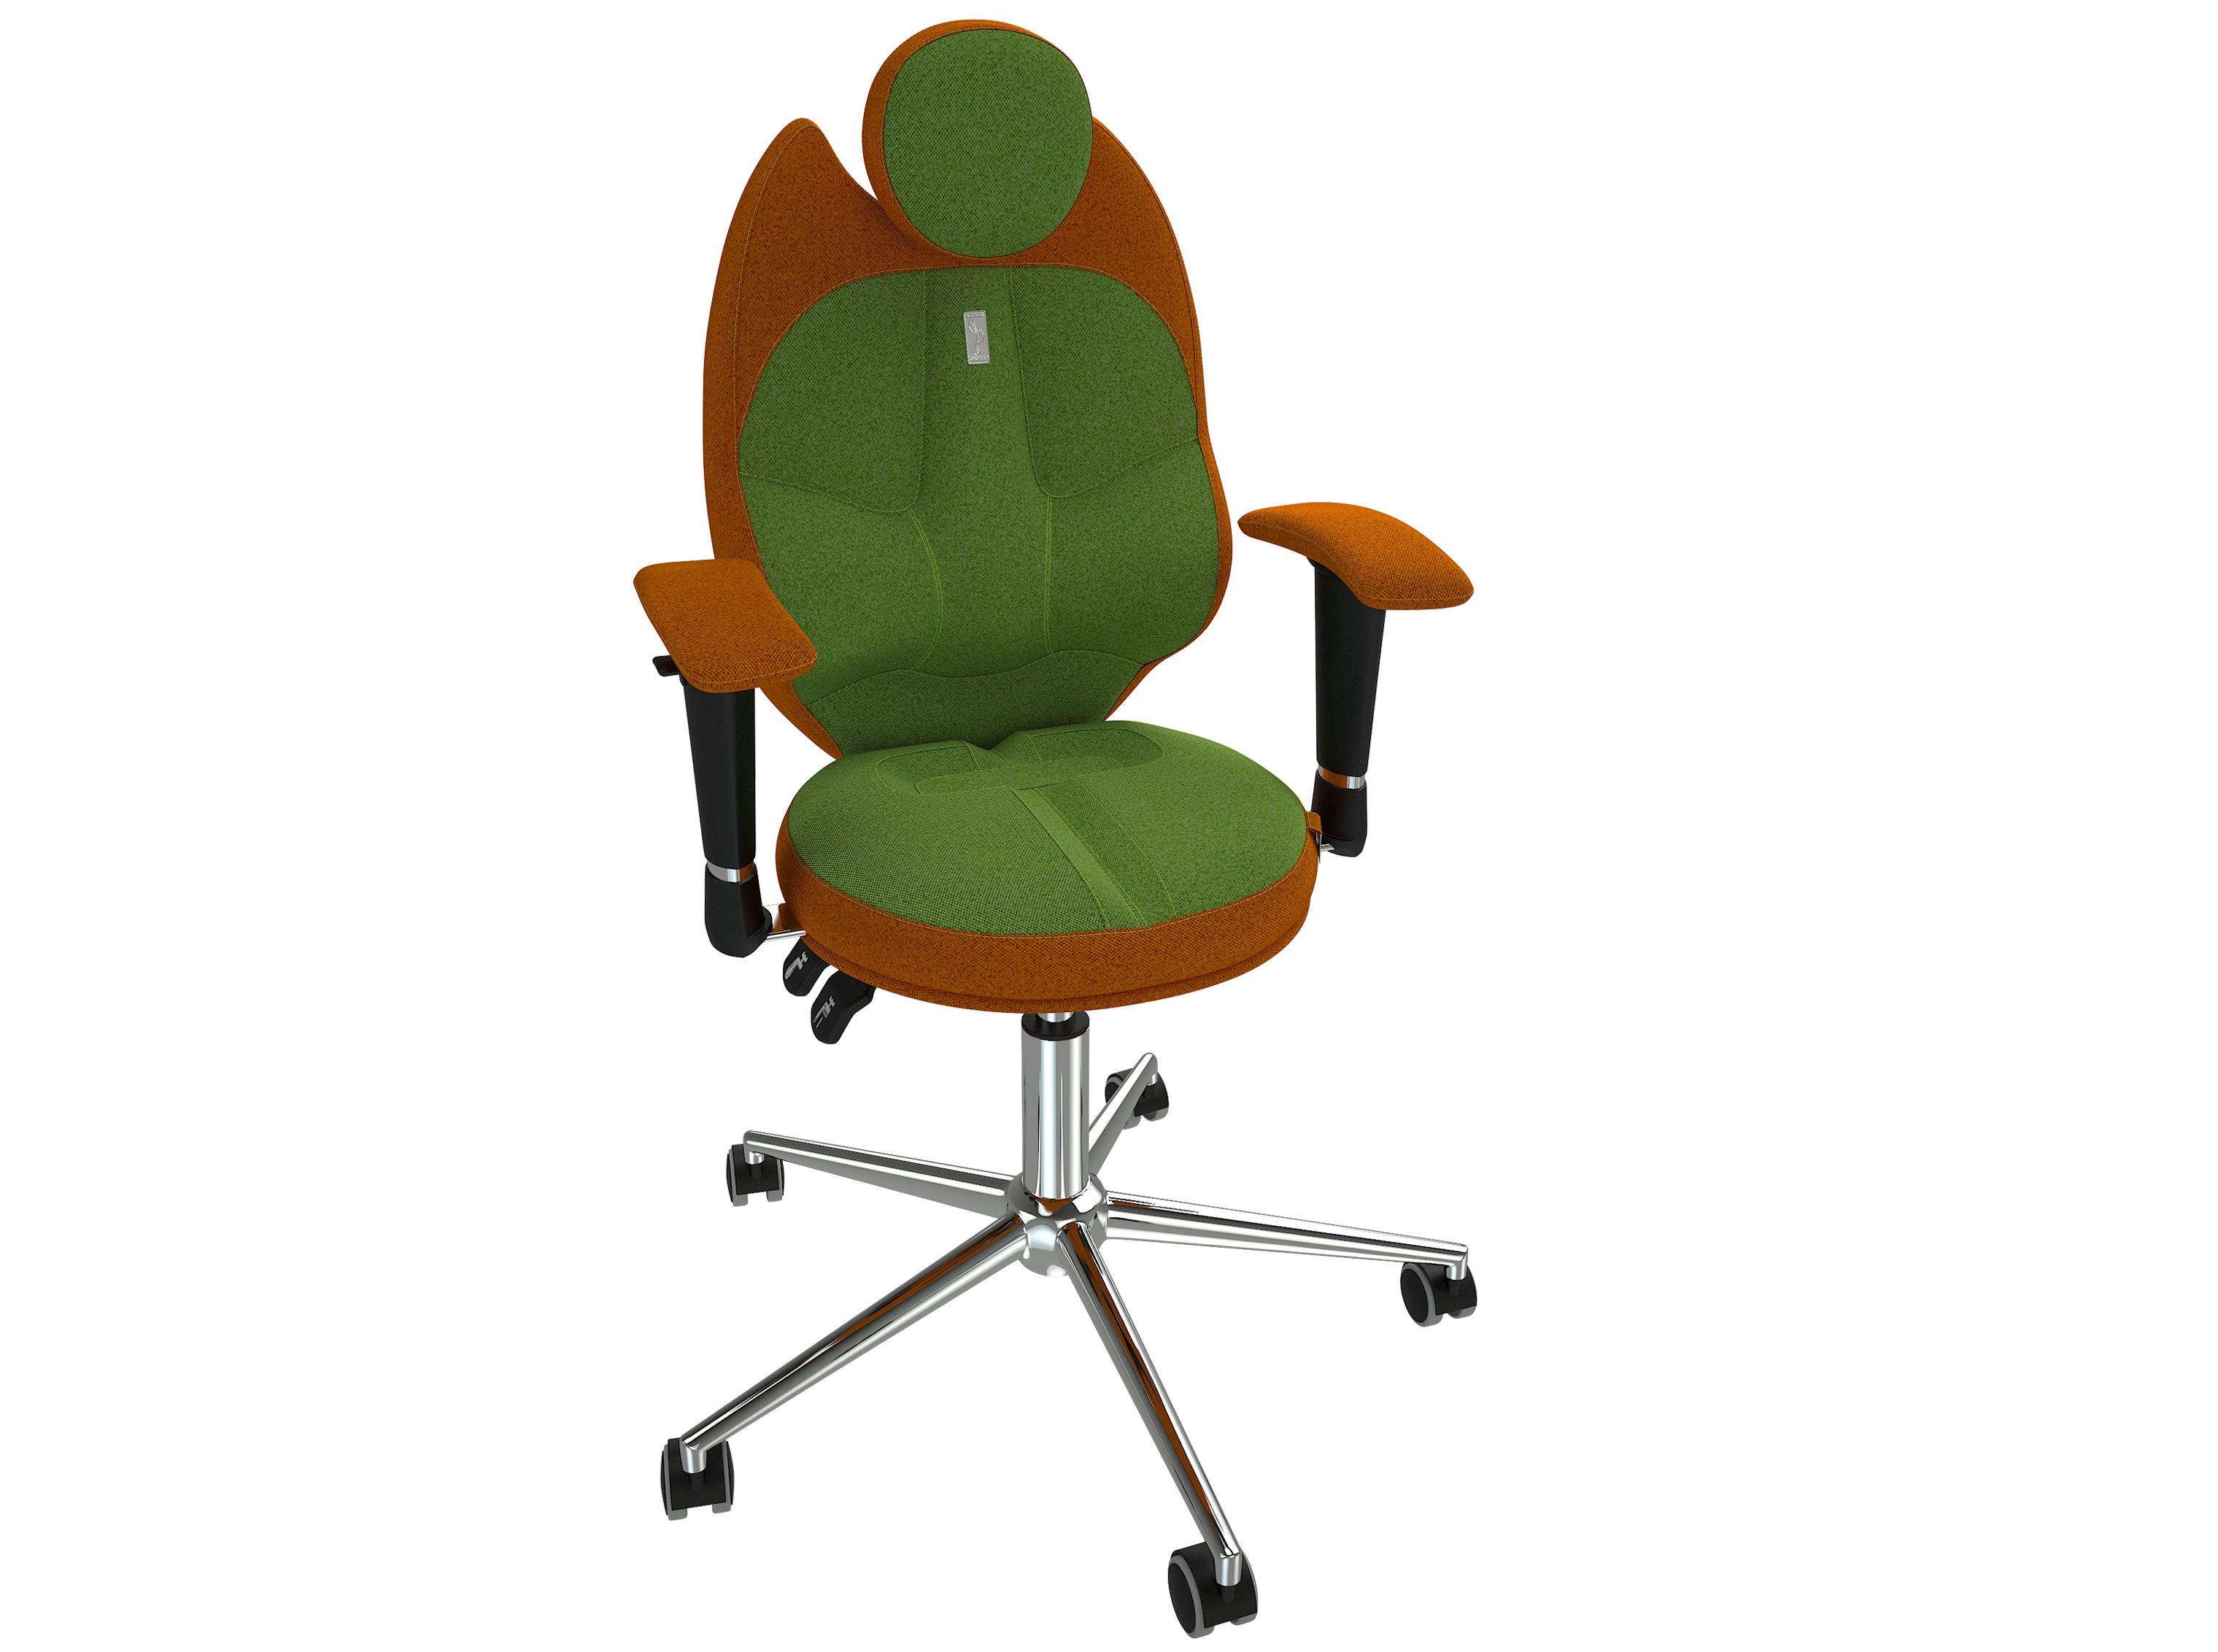 Кресло TRIOРабочие кресла<br>Благодаря своему яркому дизайну, оригинальной форме и мягкости это кресло понравится любому ребенку. Однажды сев в такое кресло, ваше чадо, уже не захочет с него вставать. К тому же, кресло Trio имеет особую эргономичную форму, которая способна сохранять правильную осанку ребенка и устранить детские заболевания позвоночника.<br><br>Material: Текстиль<br>Length см: -<br>Width см: 62<br>Depth см: 46<br>Height см: 117<br>Diameter см: None